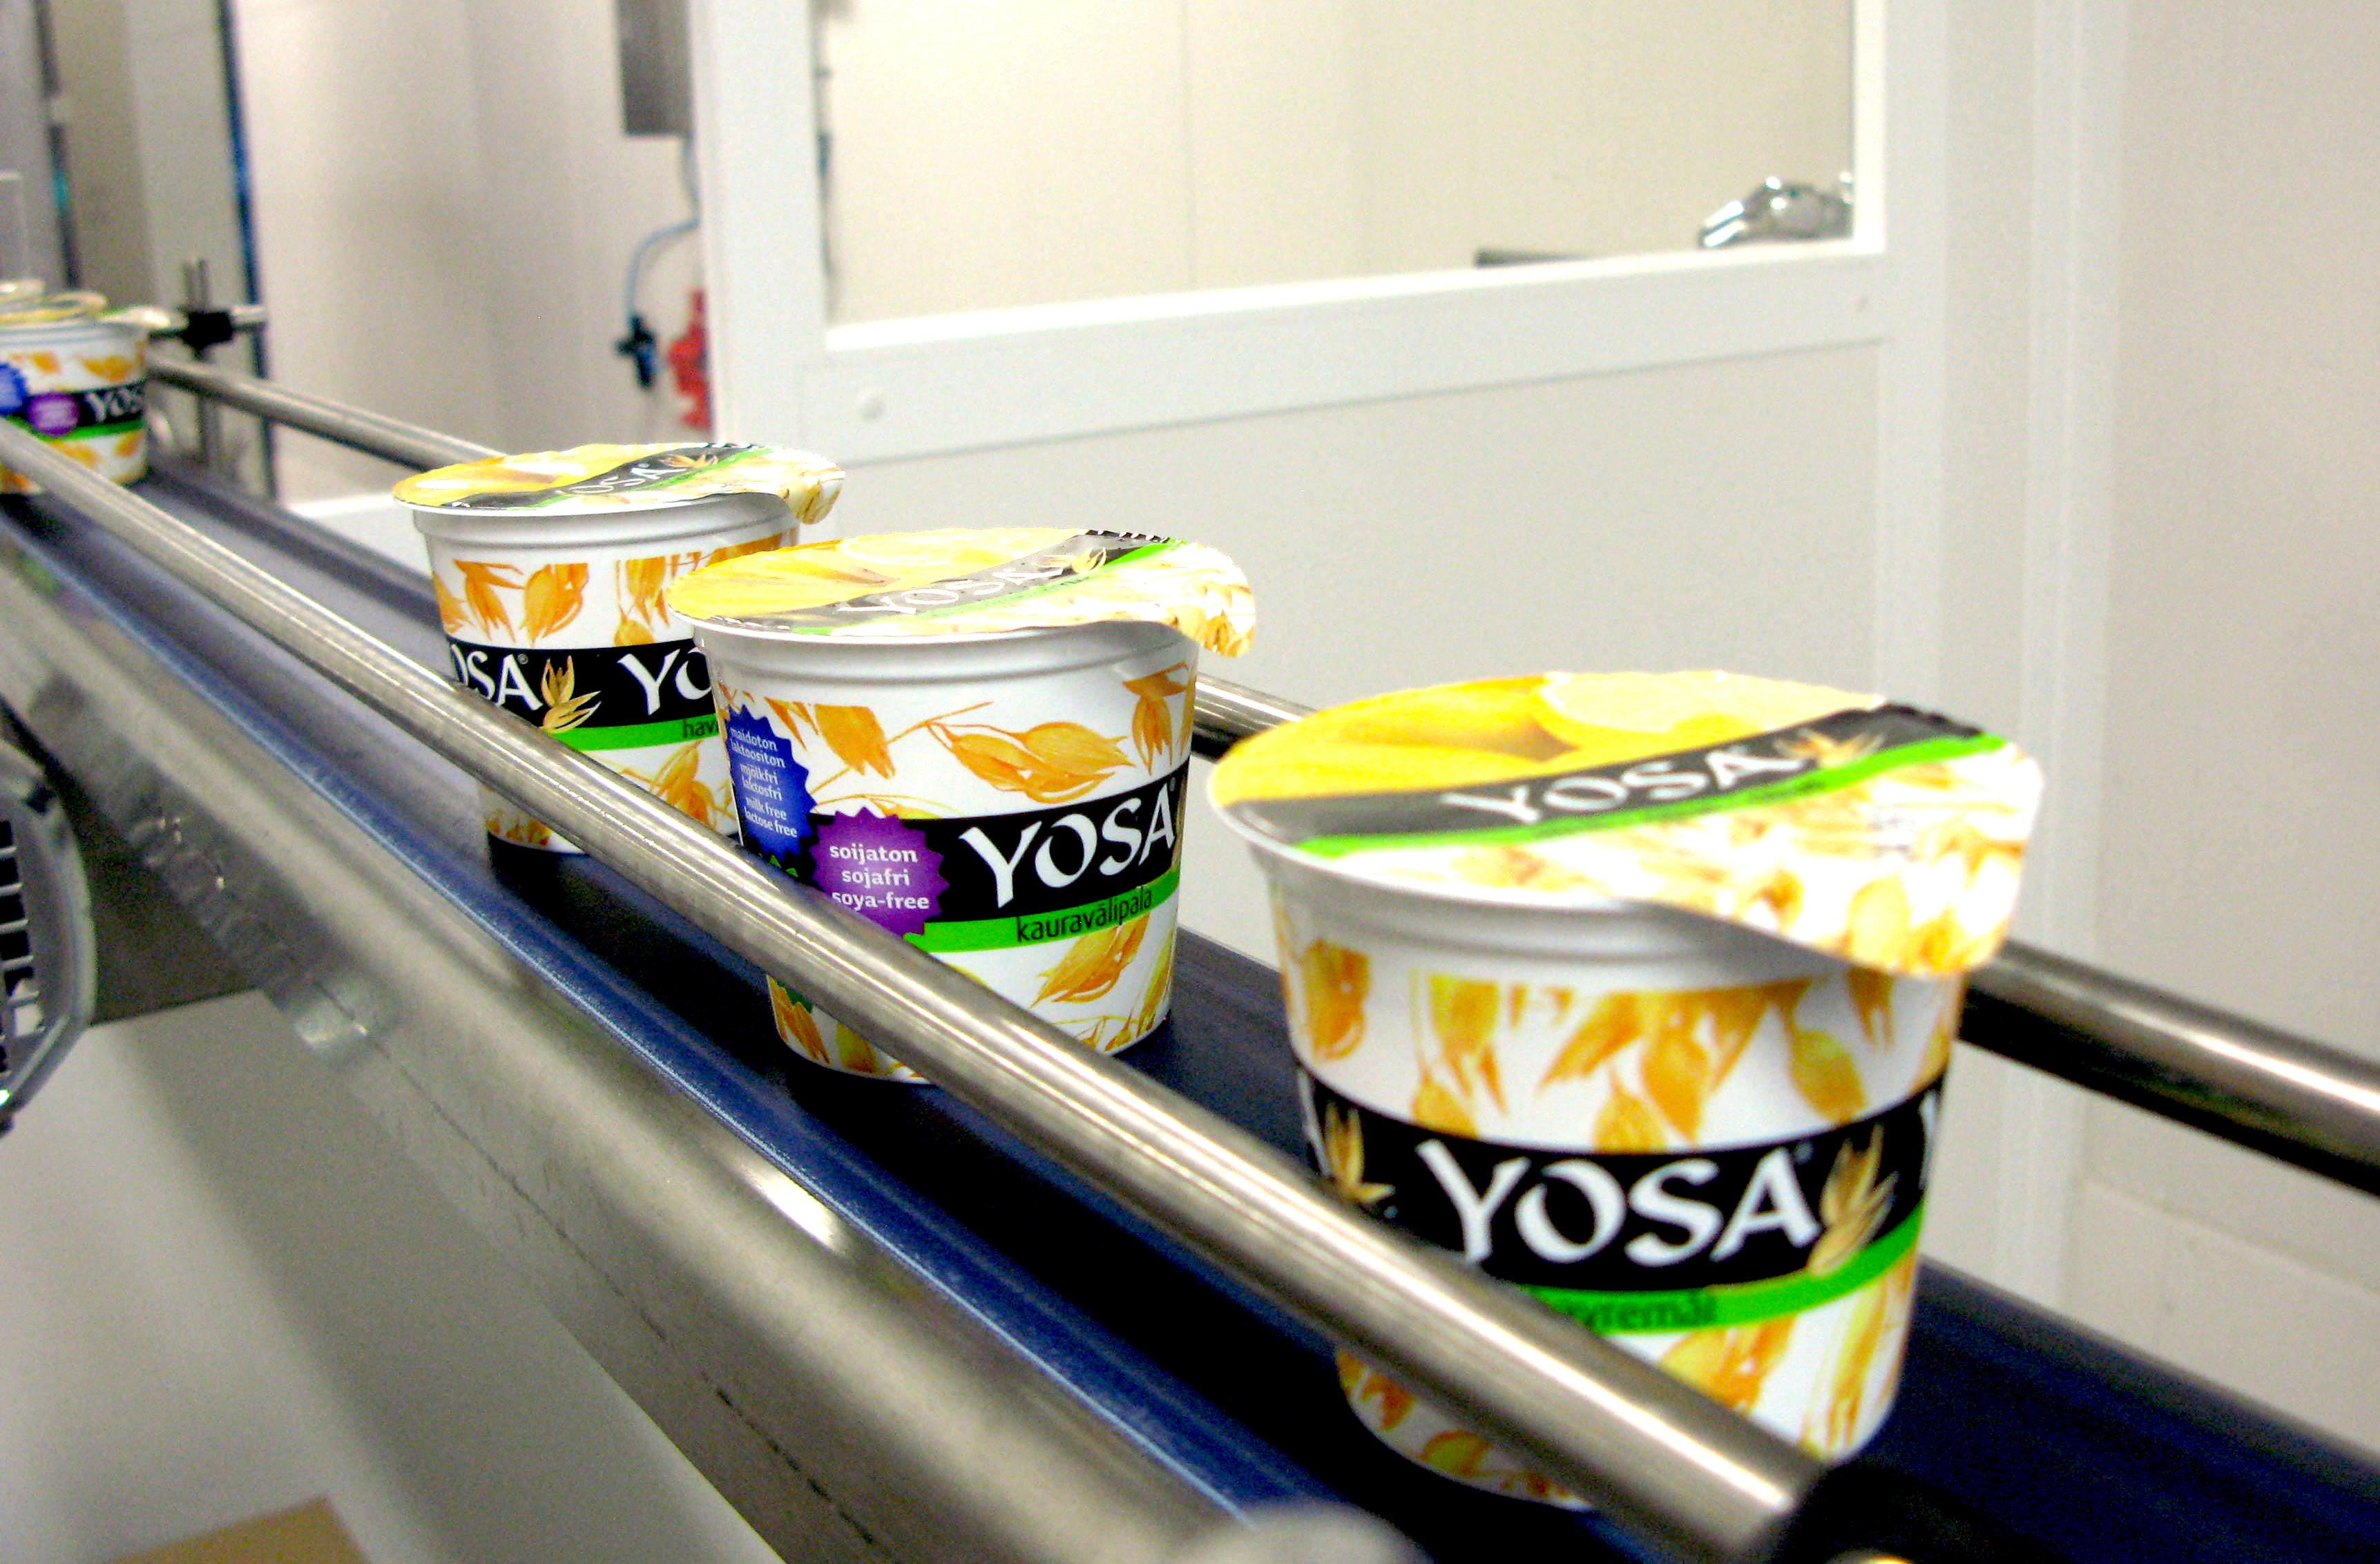 Kaurapohjainen Yosa valmistetaan ja pakataan Kaarinassa Biofermen tehtaalla. Kuva: Emmi Harju